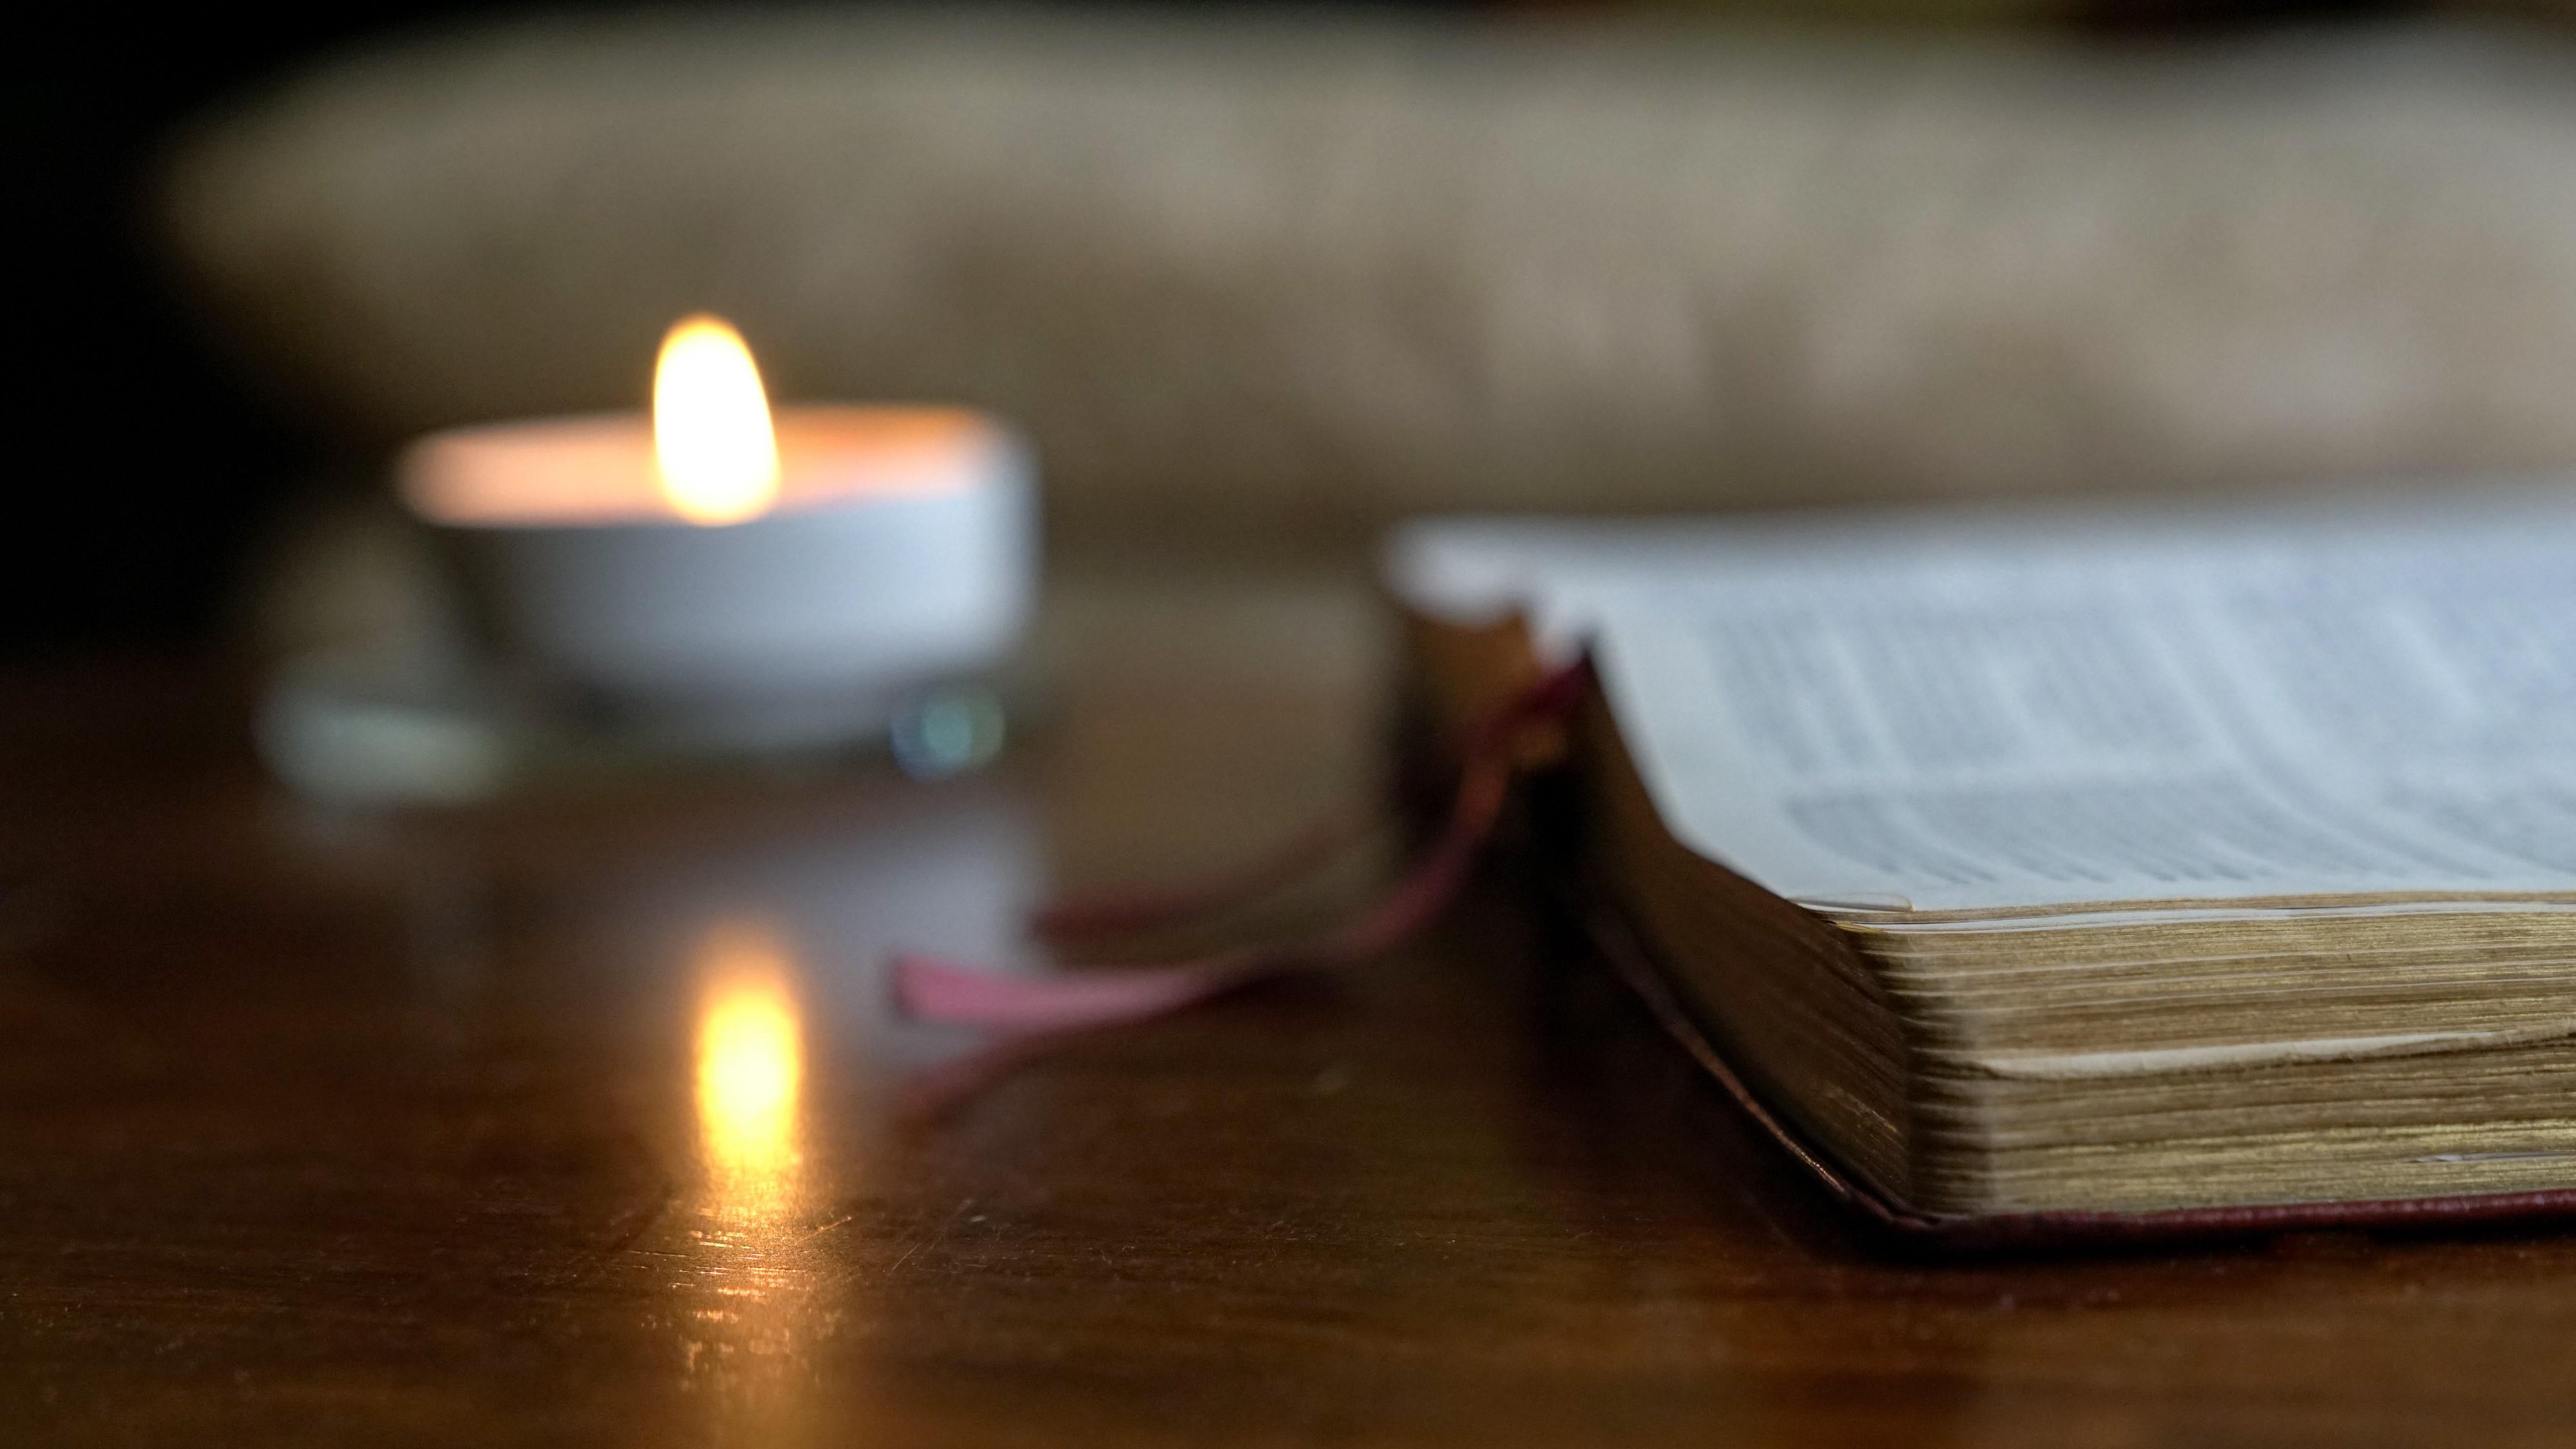 많은 이들이 신앙적 성찰을 위한 묵상의 시간을 힘겨워한다.